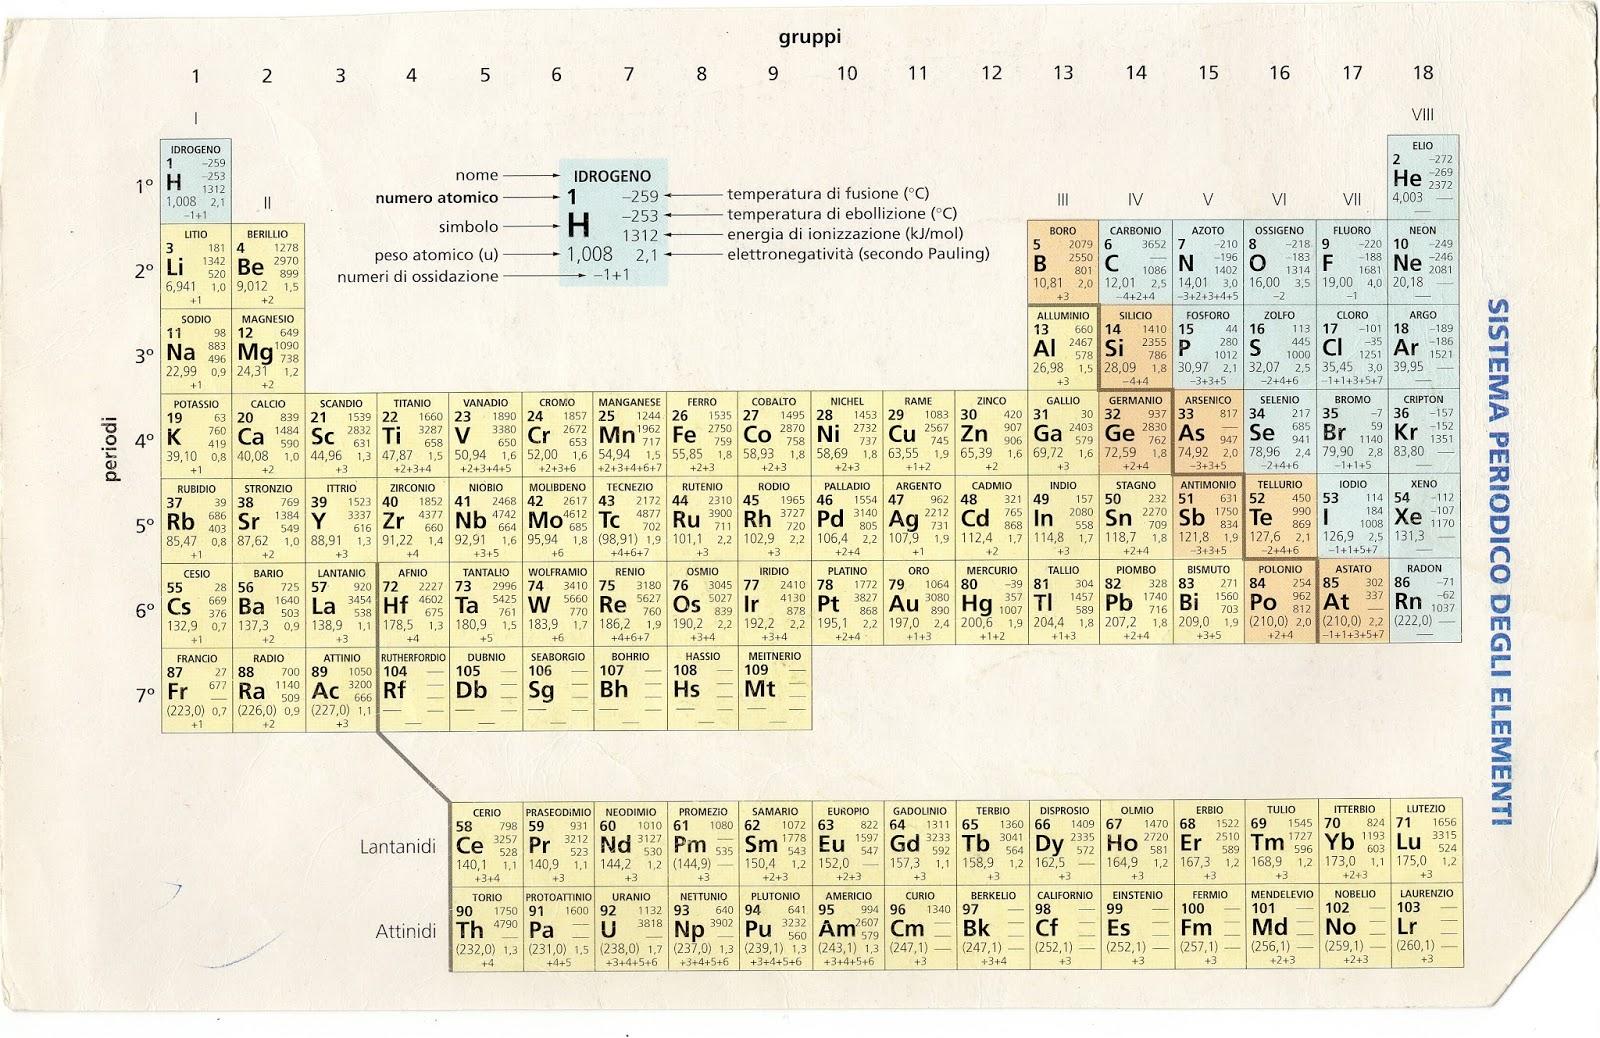 L 39 angolo della geologia tavola periodica degli elementi interattiva scaricabile e stampabile - Elementi della tavola periodica ...